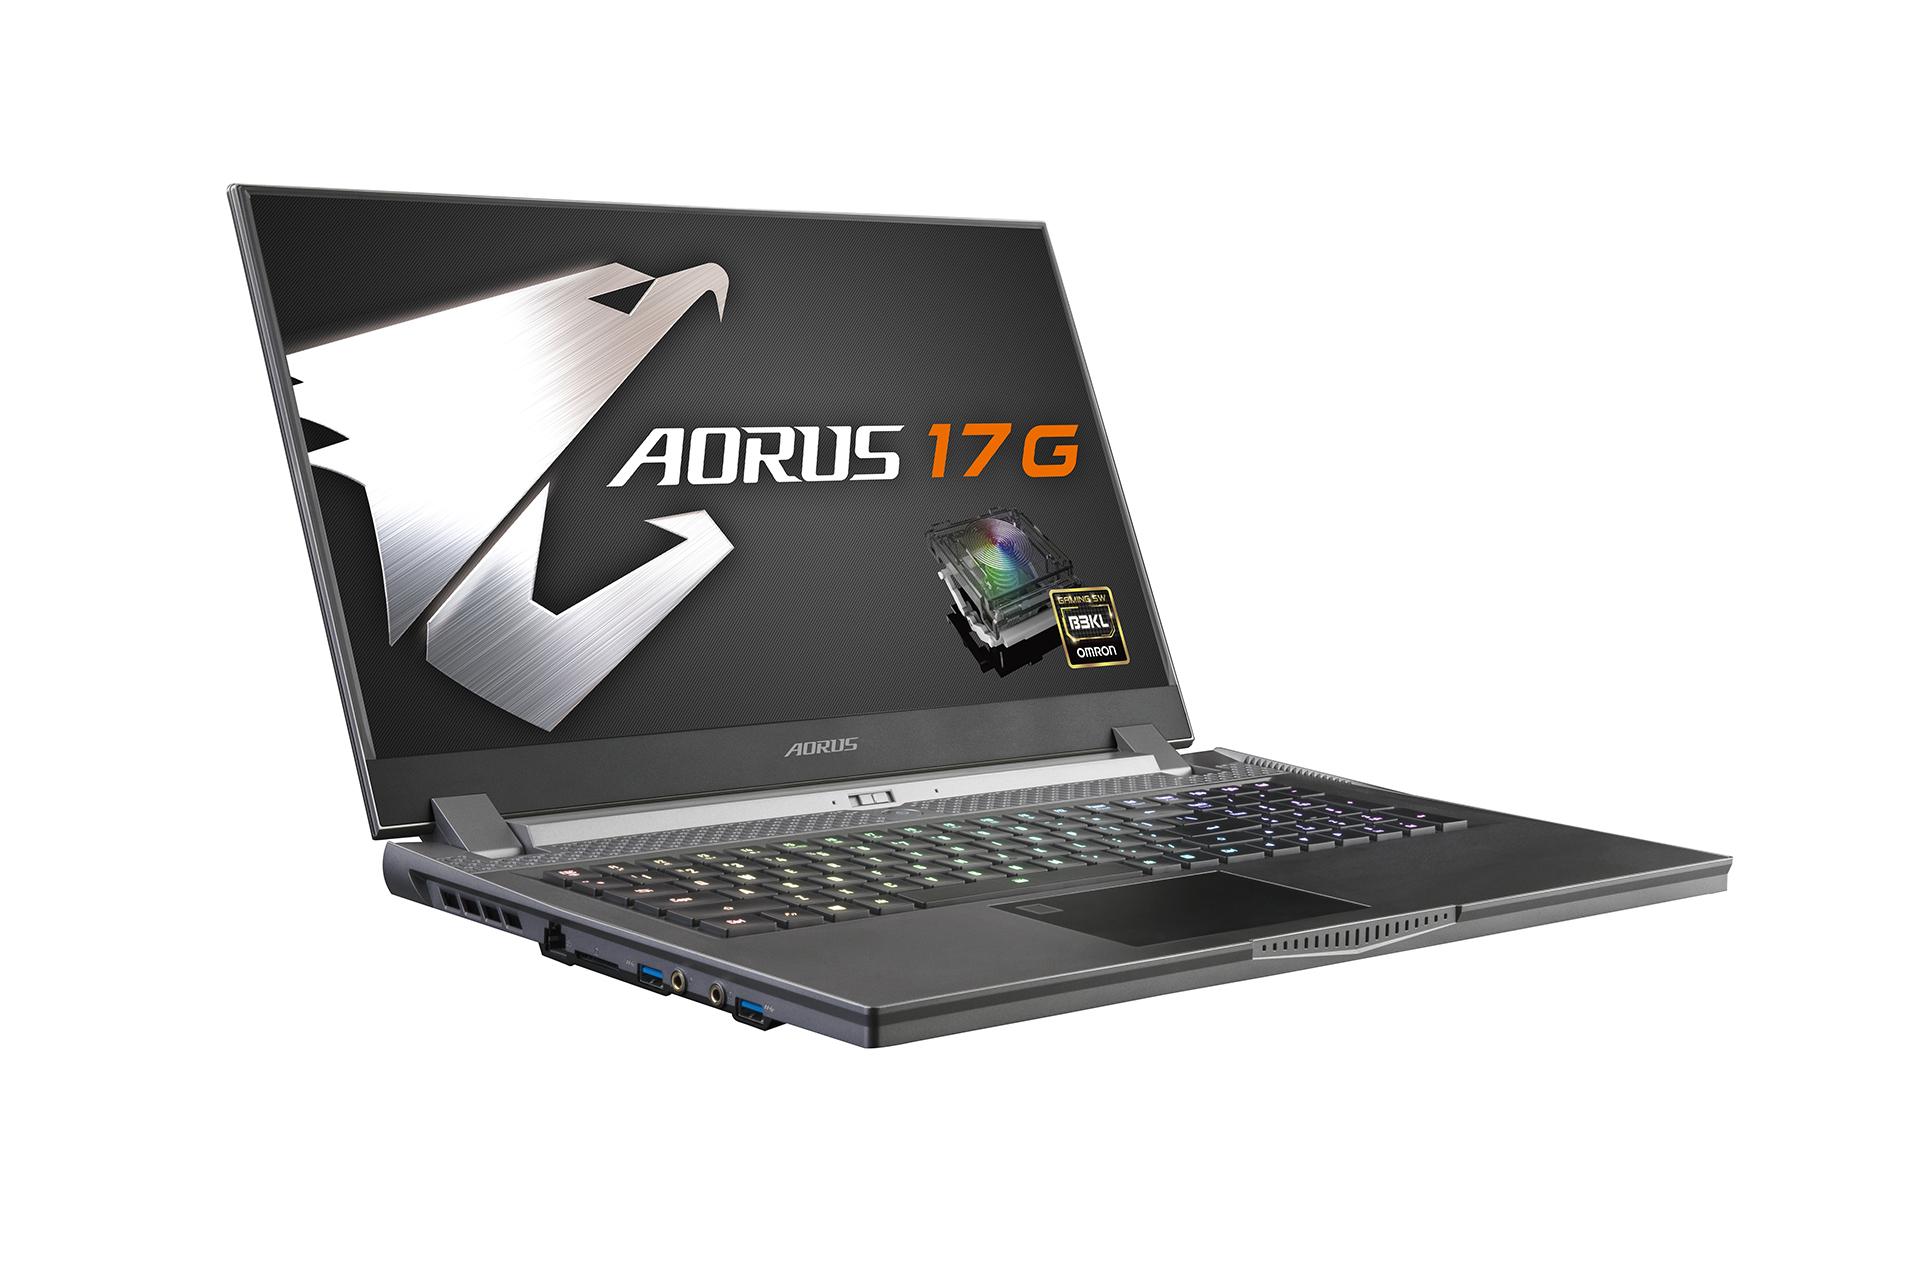 AORUS 17G 專業電競筆電 / 技嘉科技股份有限公司